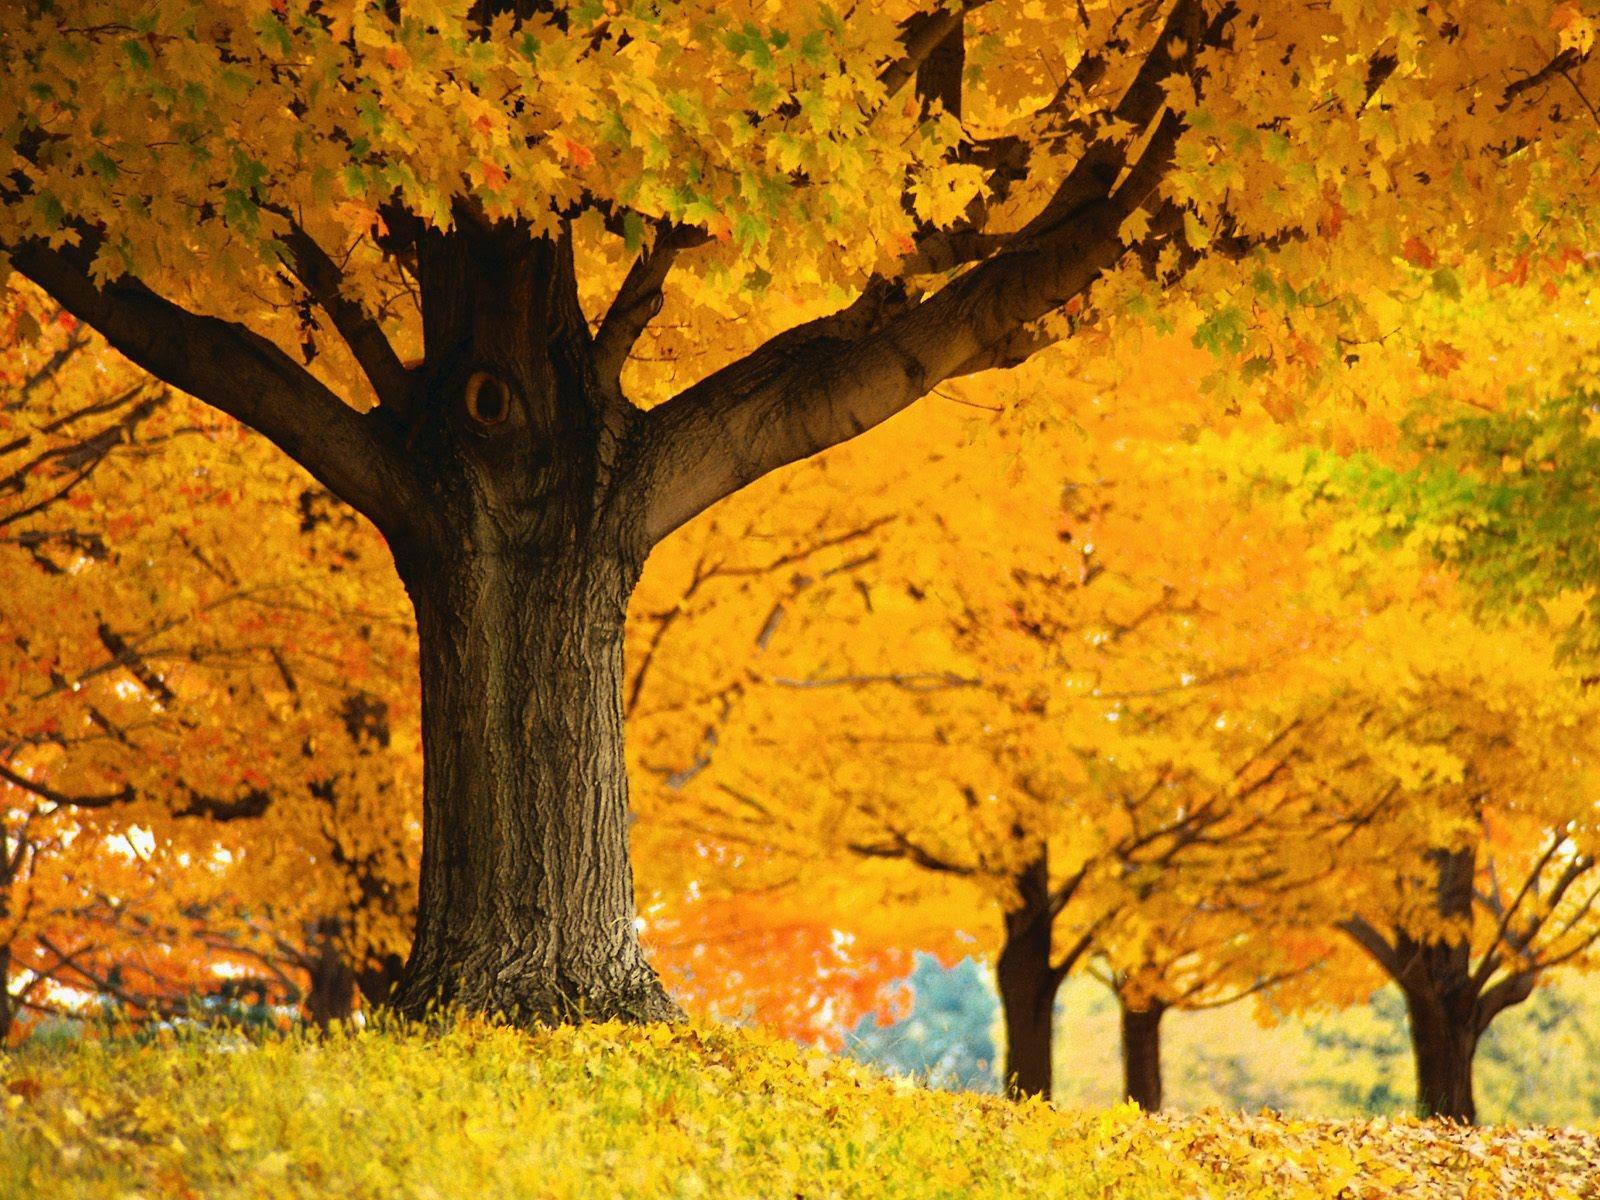 厚の秋の風景の壁紙 10 1600x1200 壁紙ダウンロード 厚の秋の風景